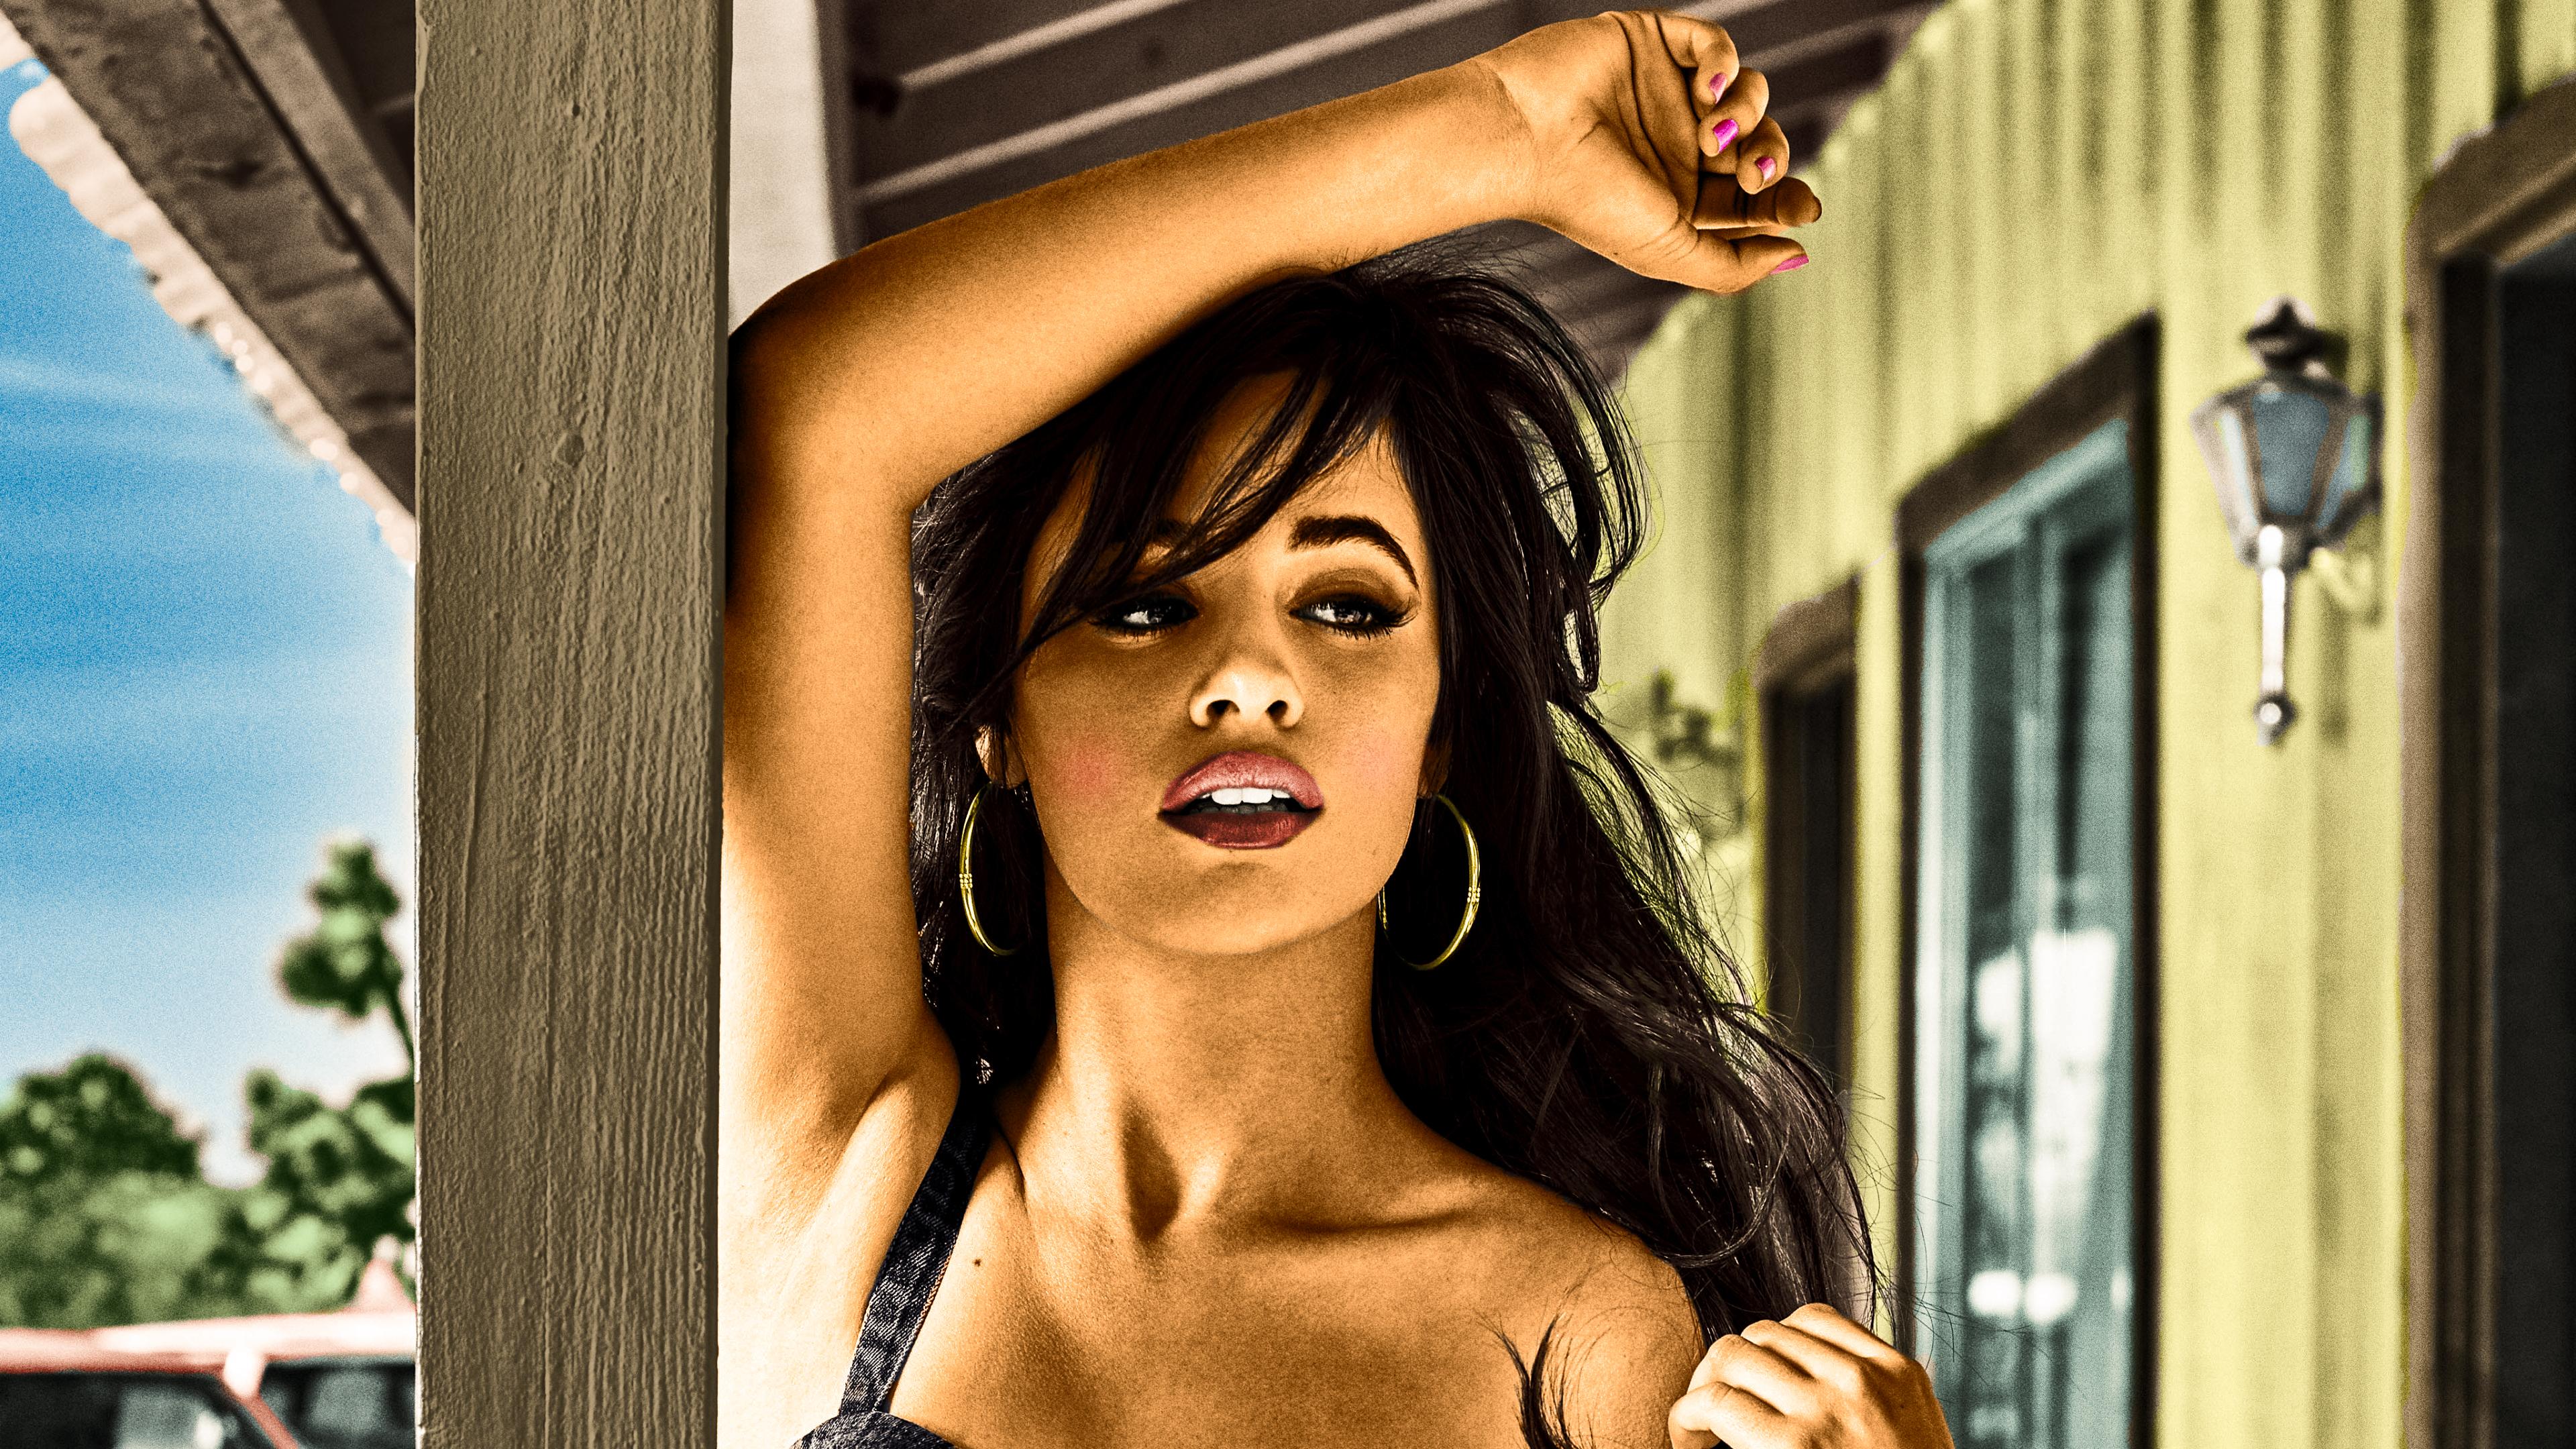 2019 camila cabello 4k 1536862863 - 2019 Camila Cabello 4k - music wallpapers, hd-wallpapers, girls wallpapers, celebrities wallpapers, camila cabello wallpapers, 4k-wallpapers